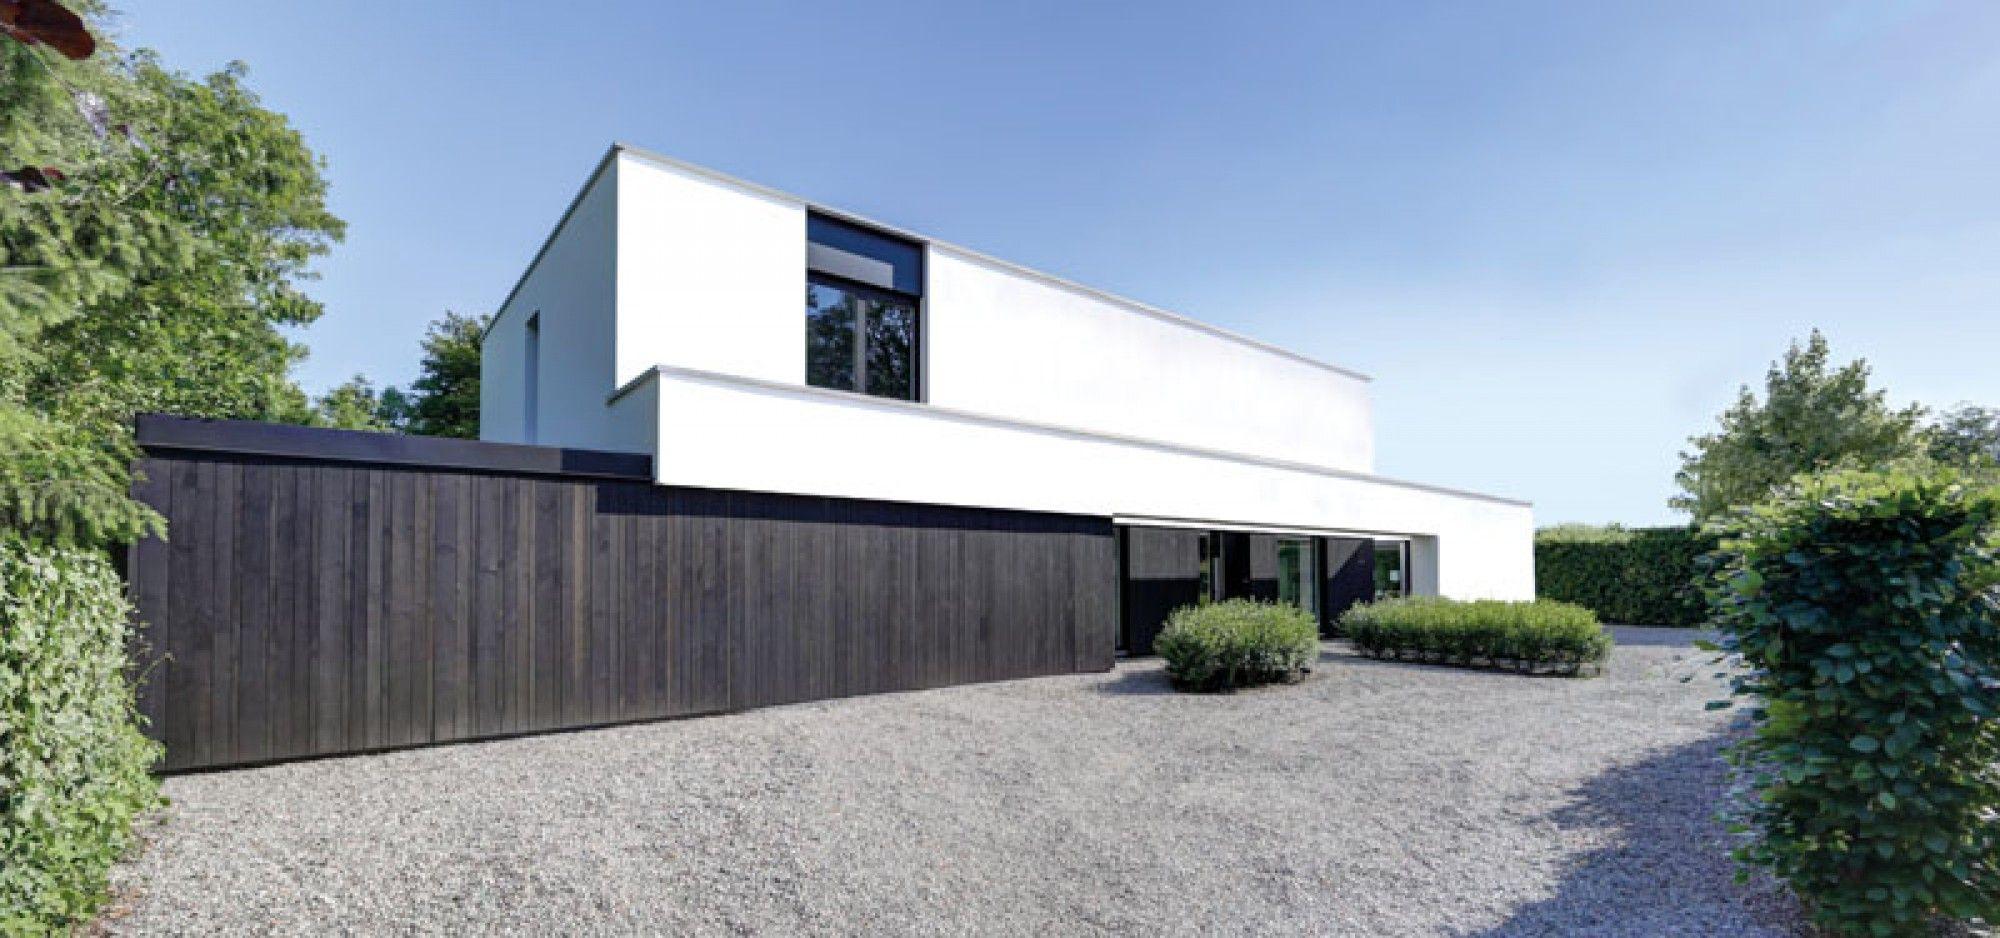 Home sweet home transformatie van een gedateerde villa in een moderne woning idee n voor het for Terras modern huis